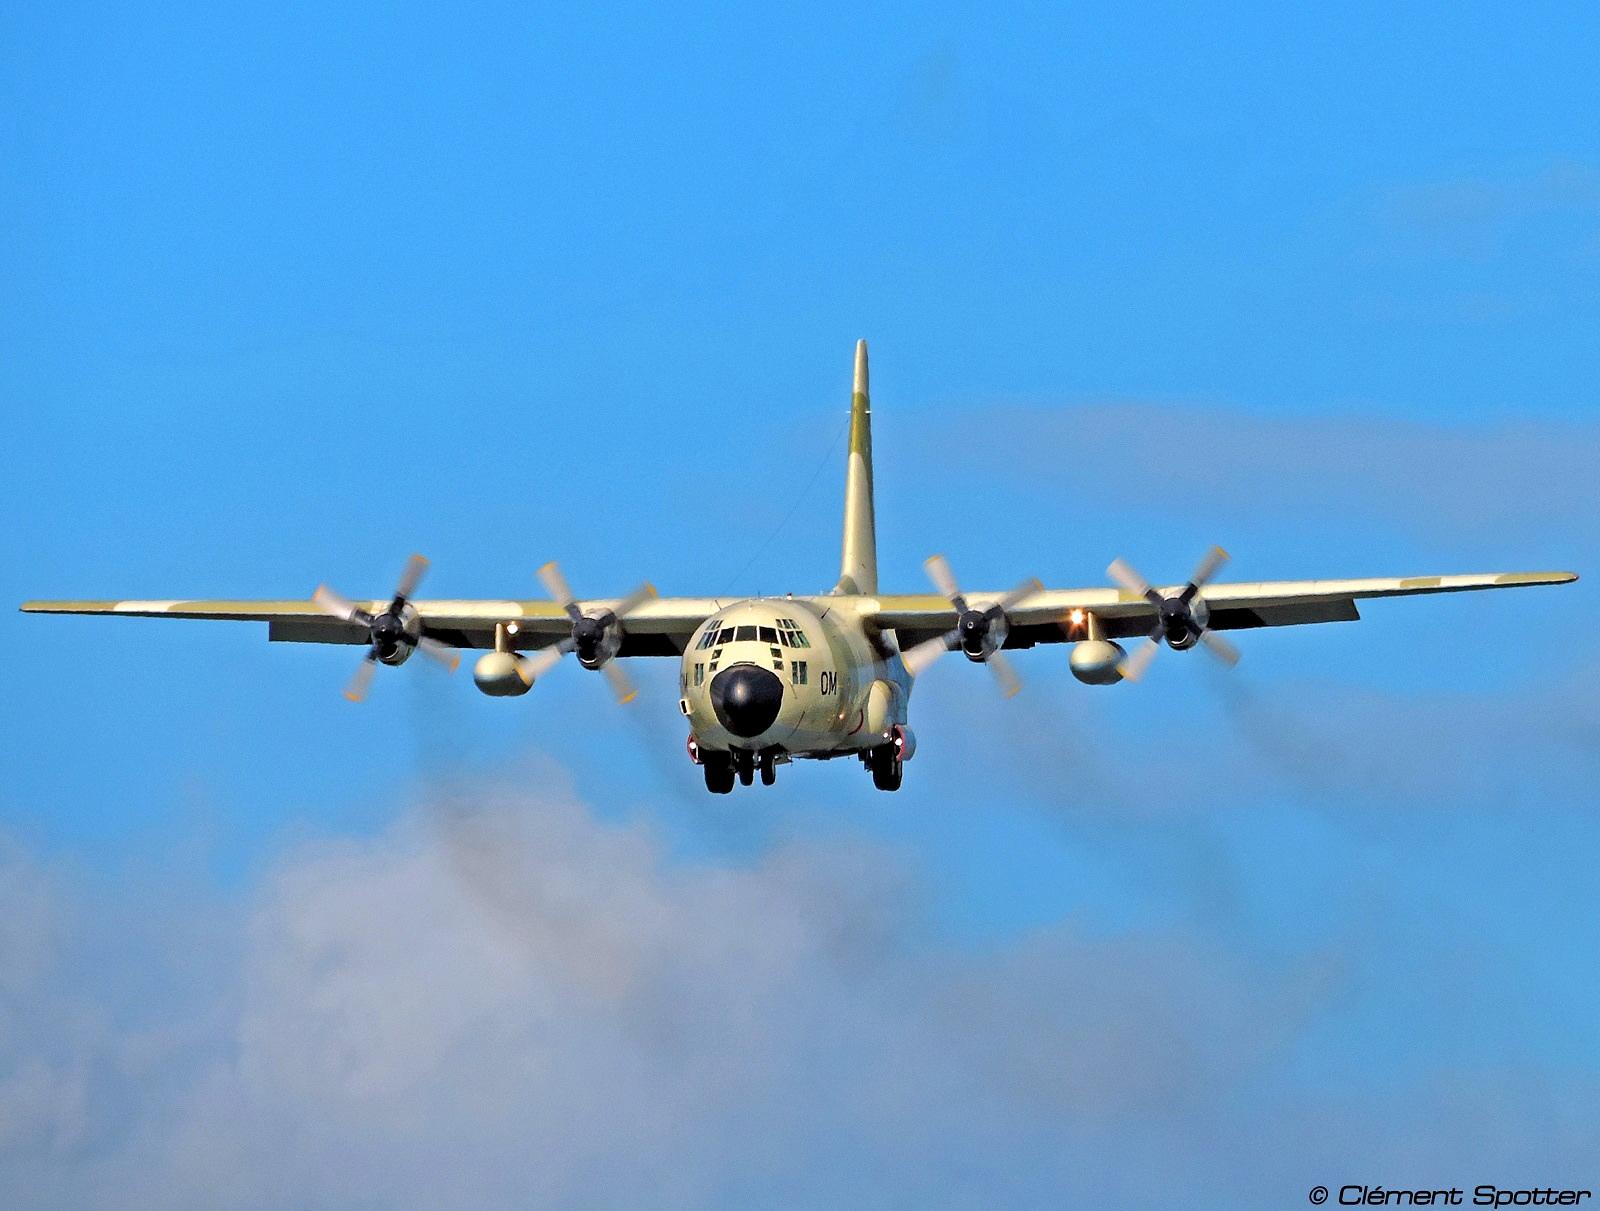 طائرات النقل العاملة بالقوات المسلحة المغربية - صفحة 2 151019052754603369